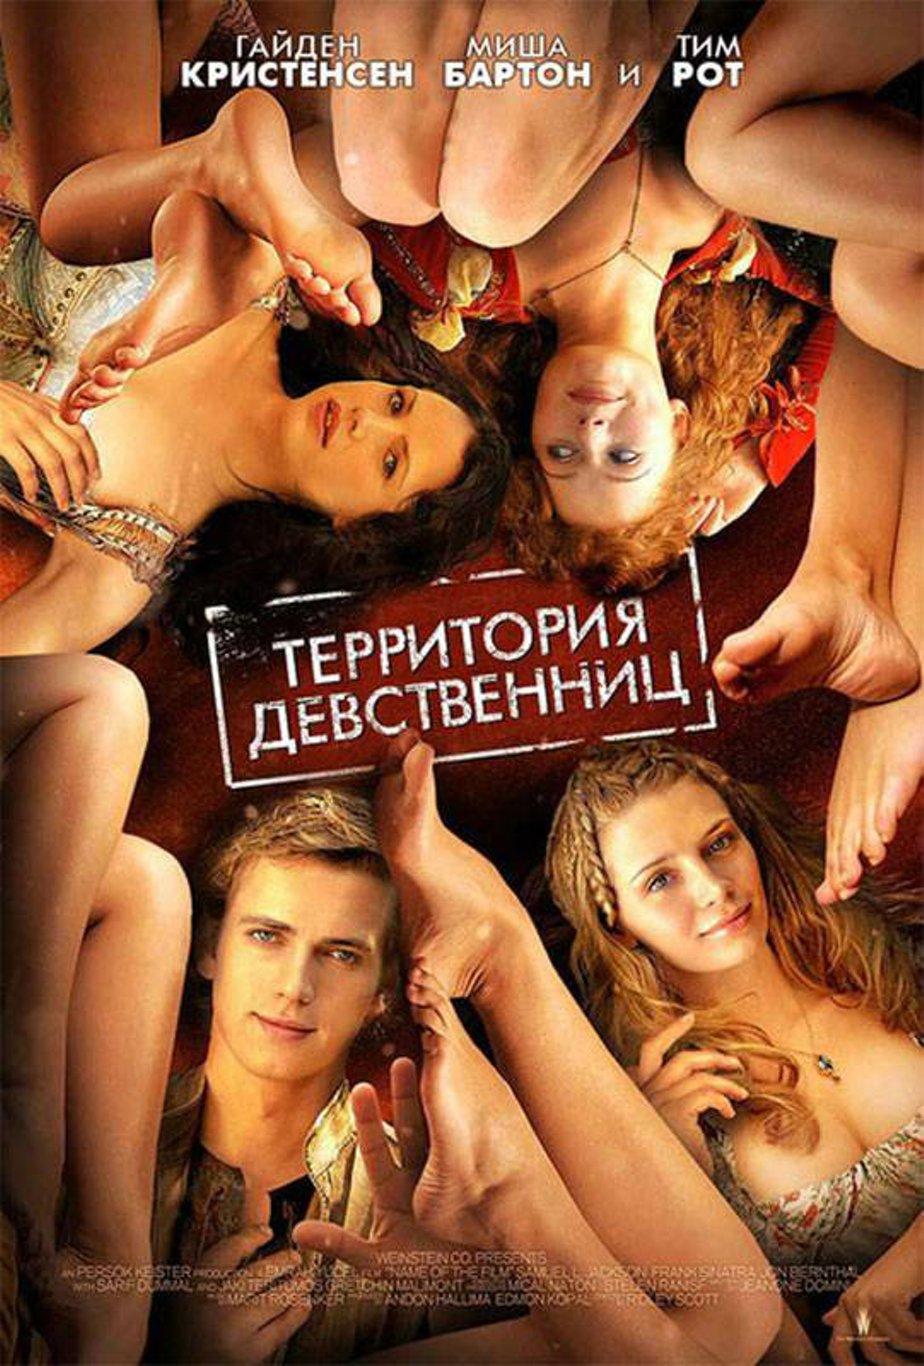 Территория Девственниц 2007 Года Фильм Секс Сцены